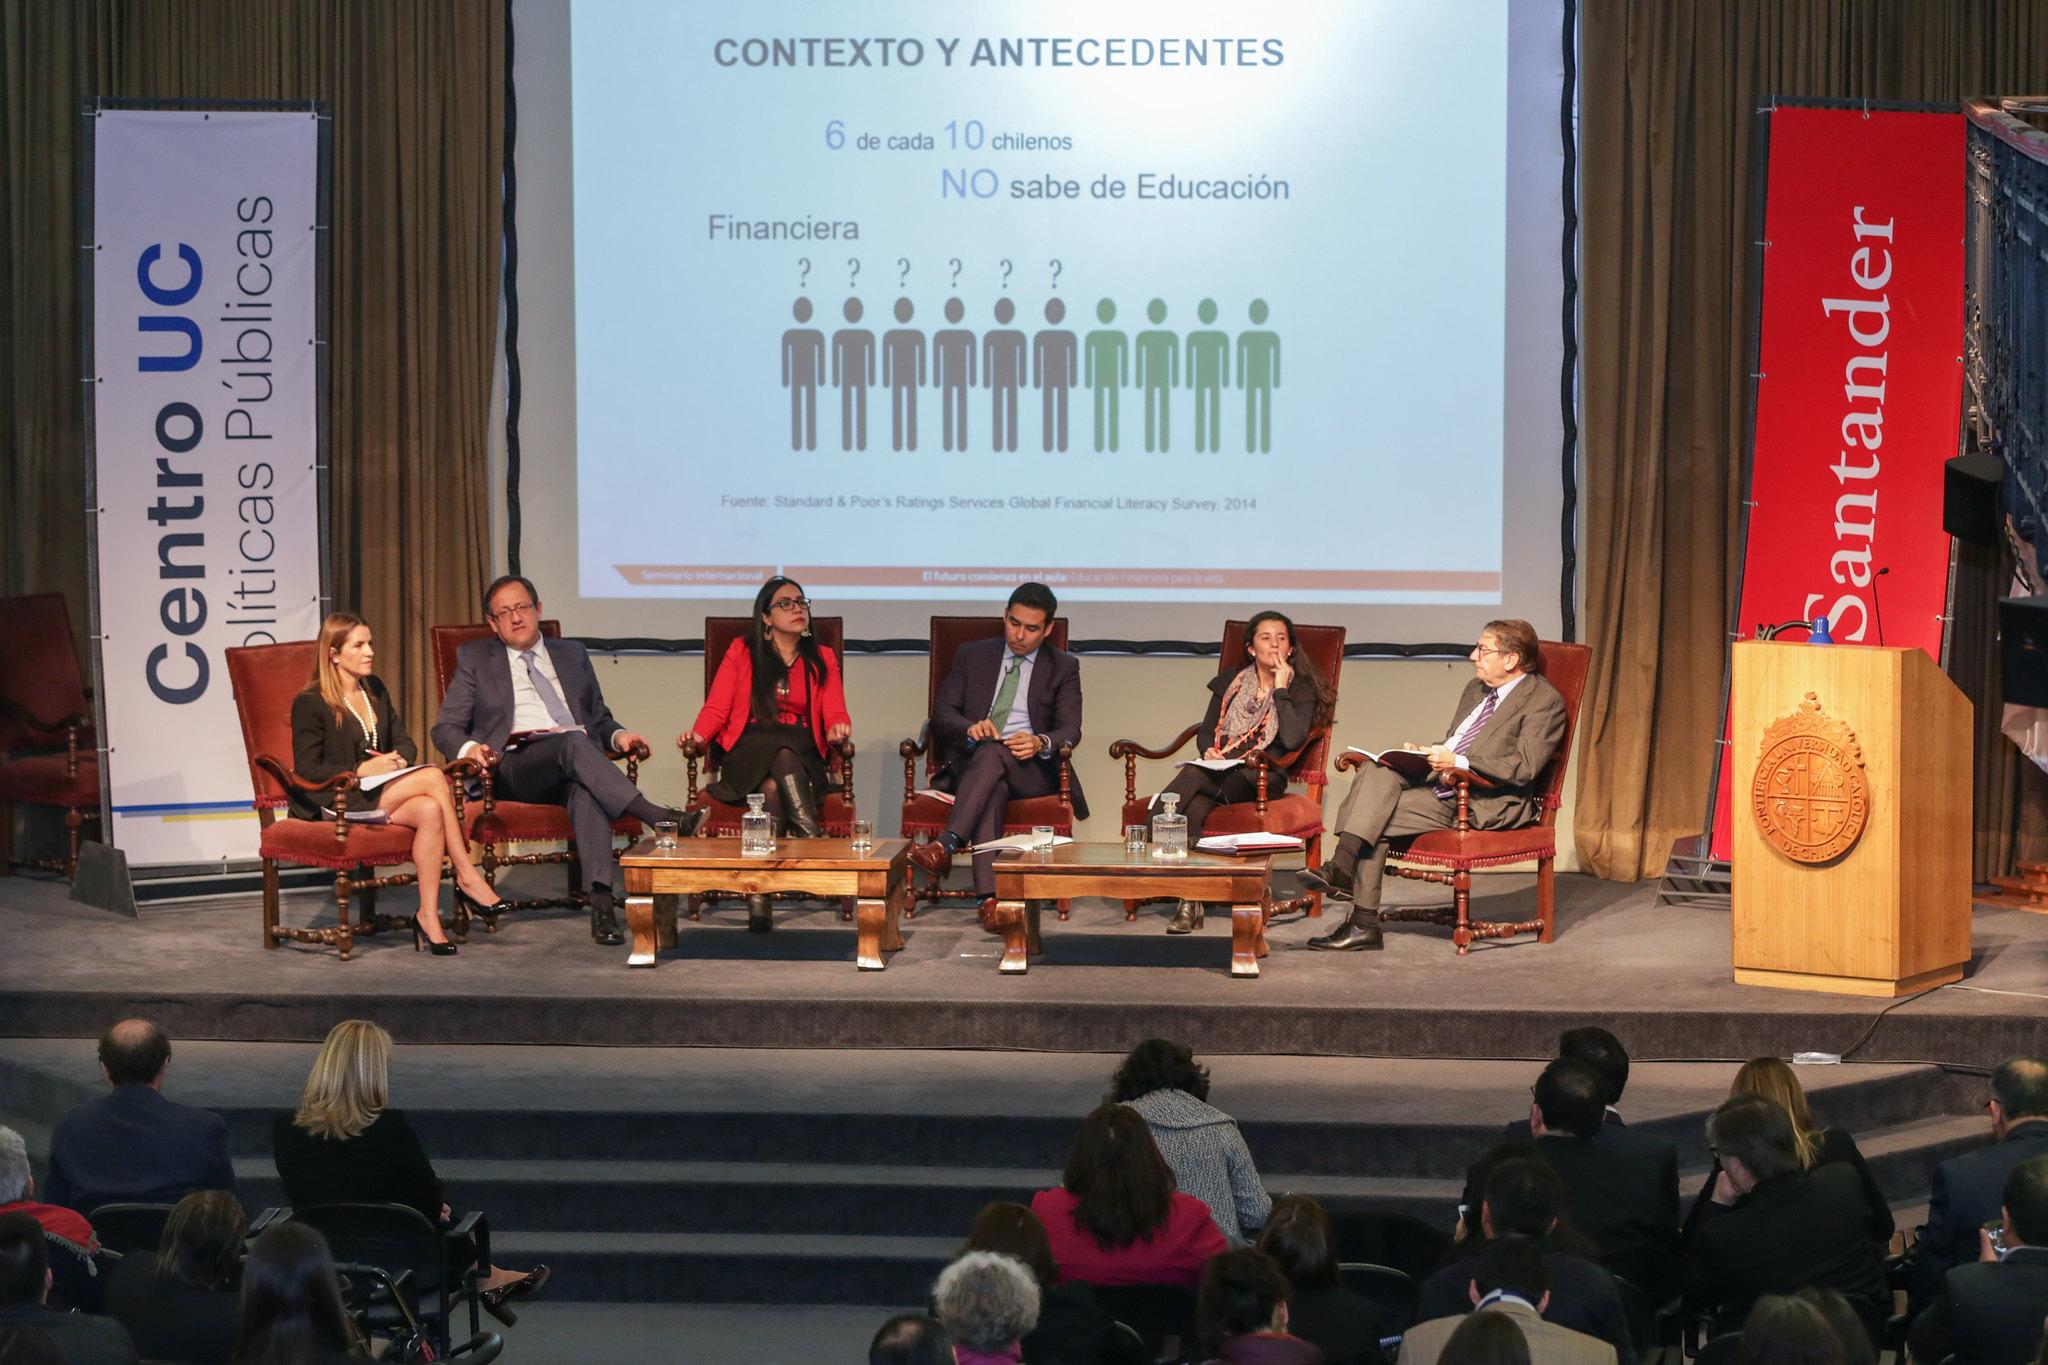 Seminario Internacional de Educación Financiera y visita de Enrique Castelló a Chile